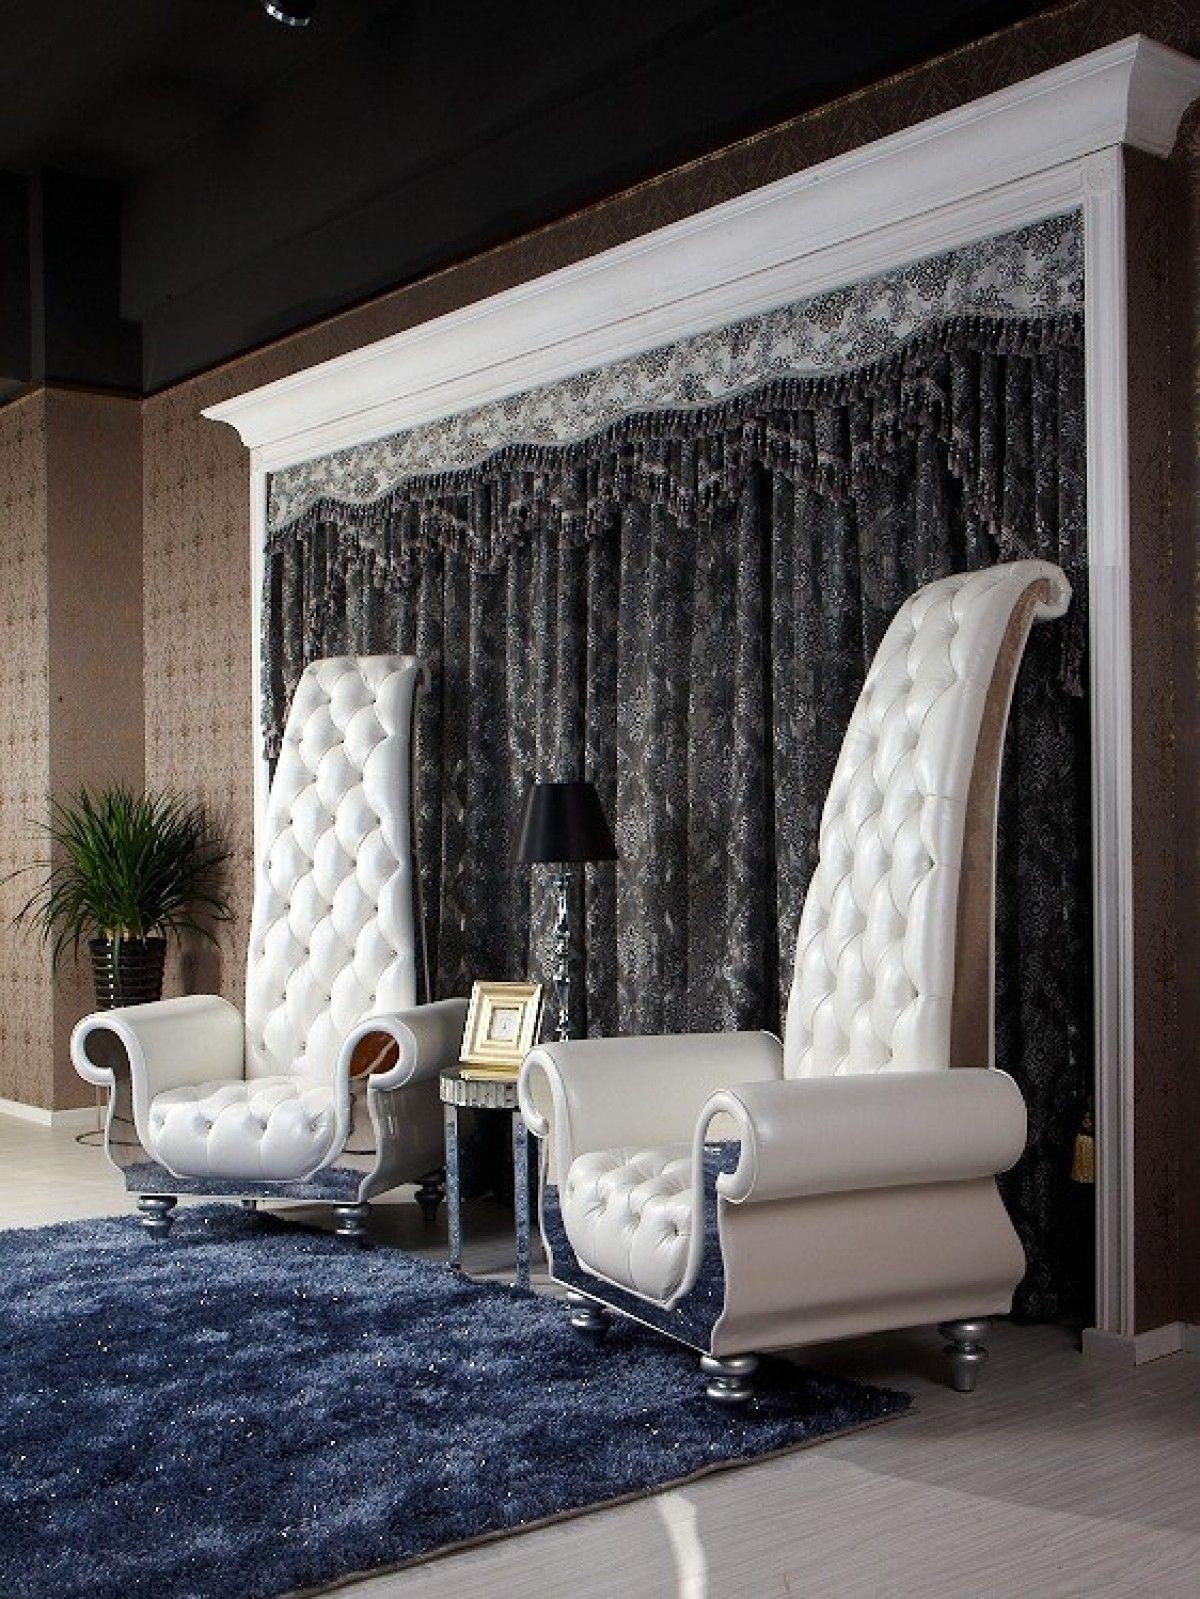 Divani Casa Luxe D6032 - Neo-Classical White Eco-Leather Leisure ...